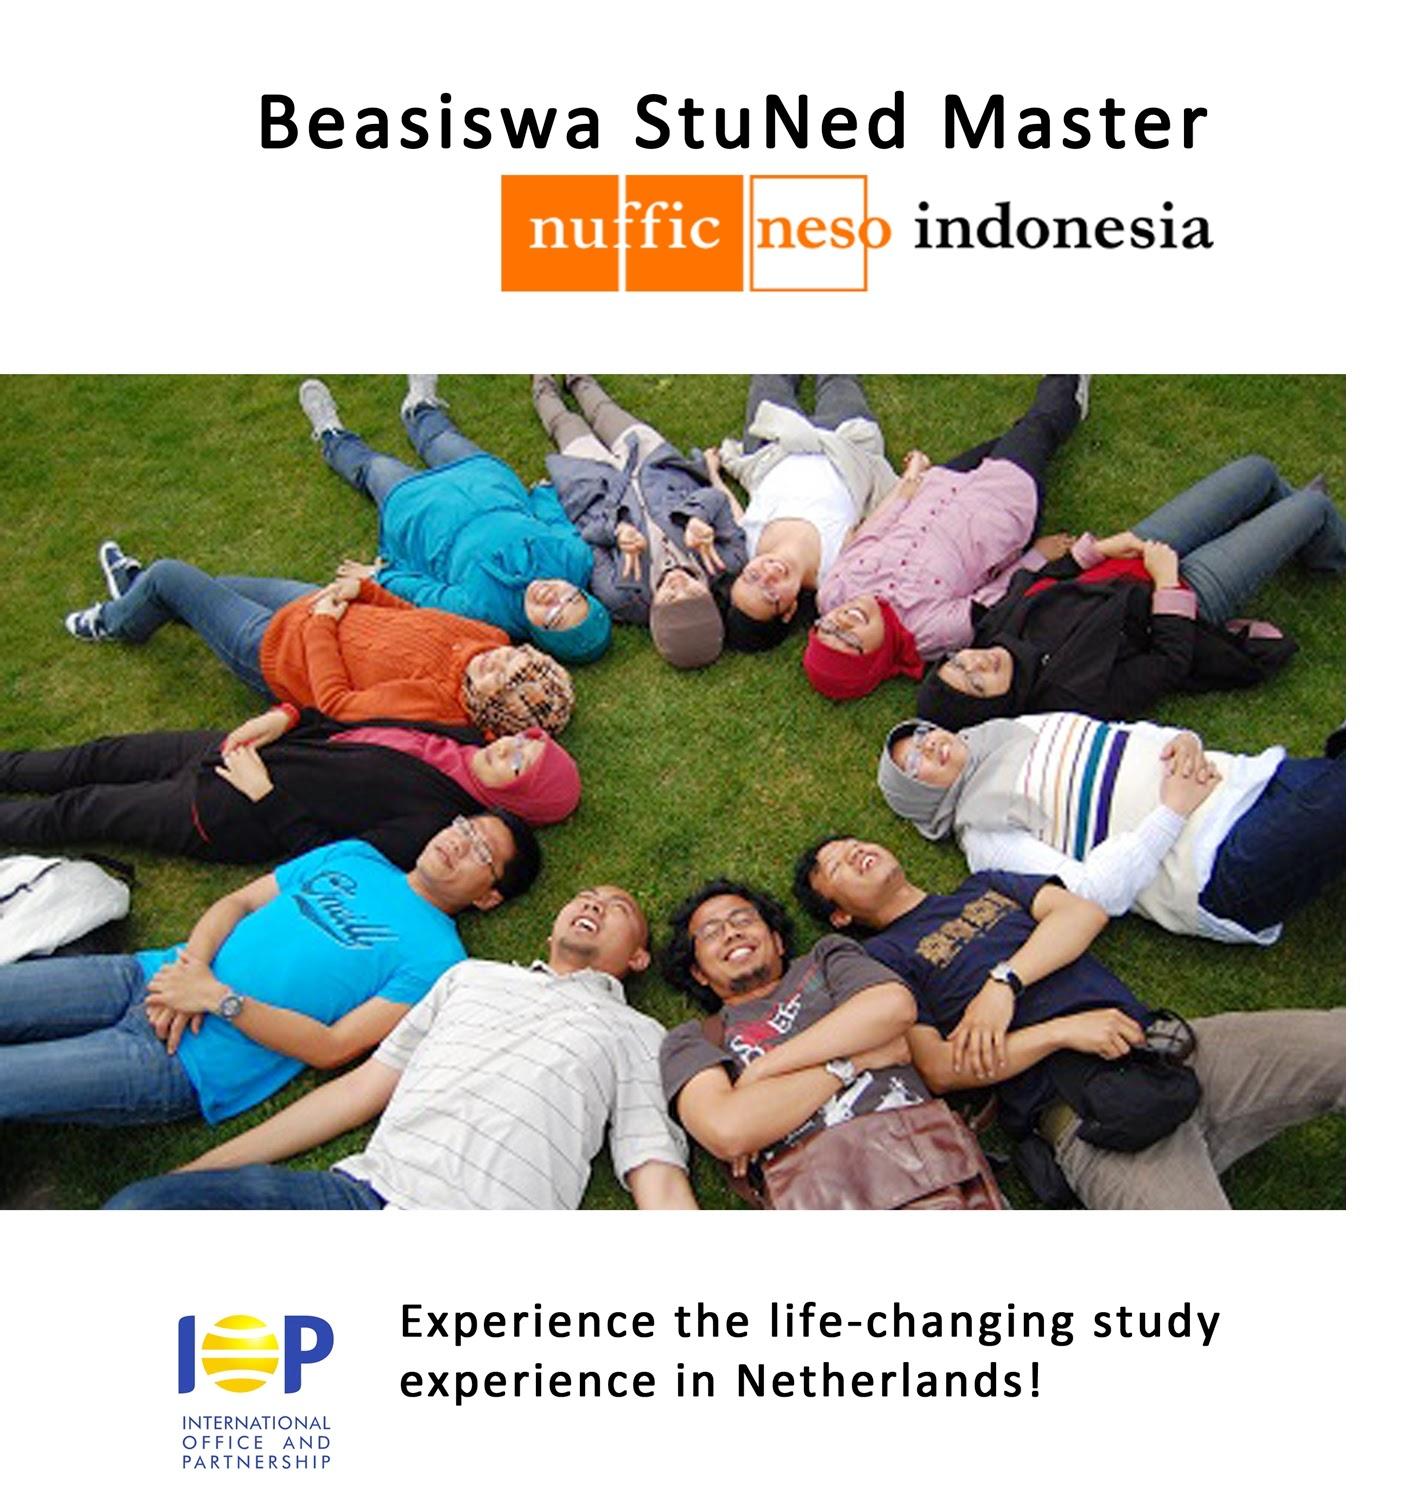 INDBEASISWA-Beasiswa-Stuned-Master